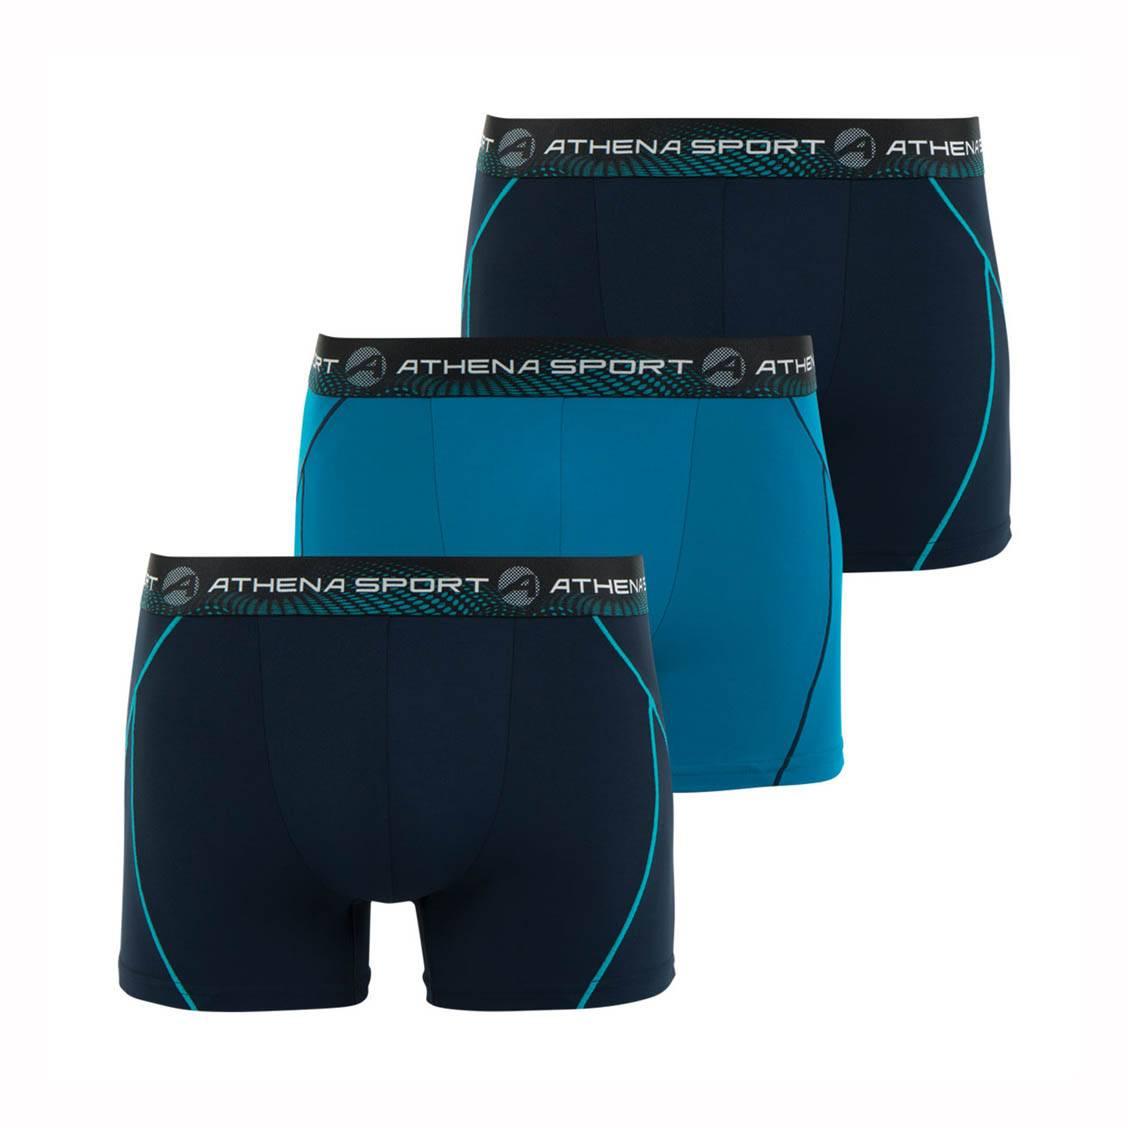 Lot de 3 boxers Athena Sport en microfibre respirante bleu marine et bleu turquoise. Lot de 3 boxers Athena Sport en microfibre respirante bleu marine